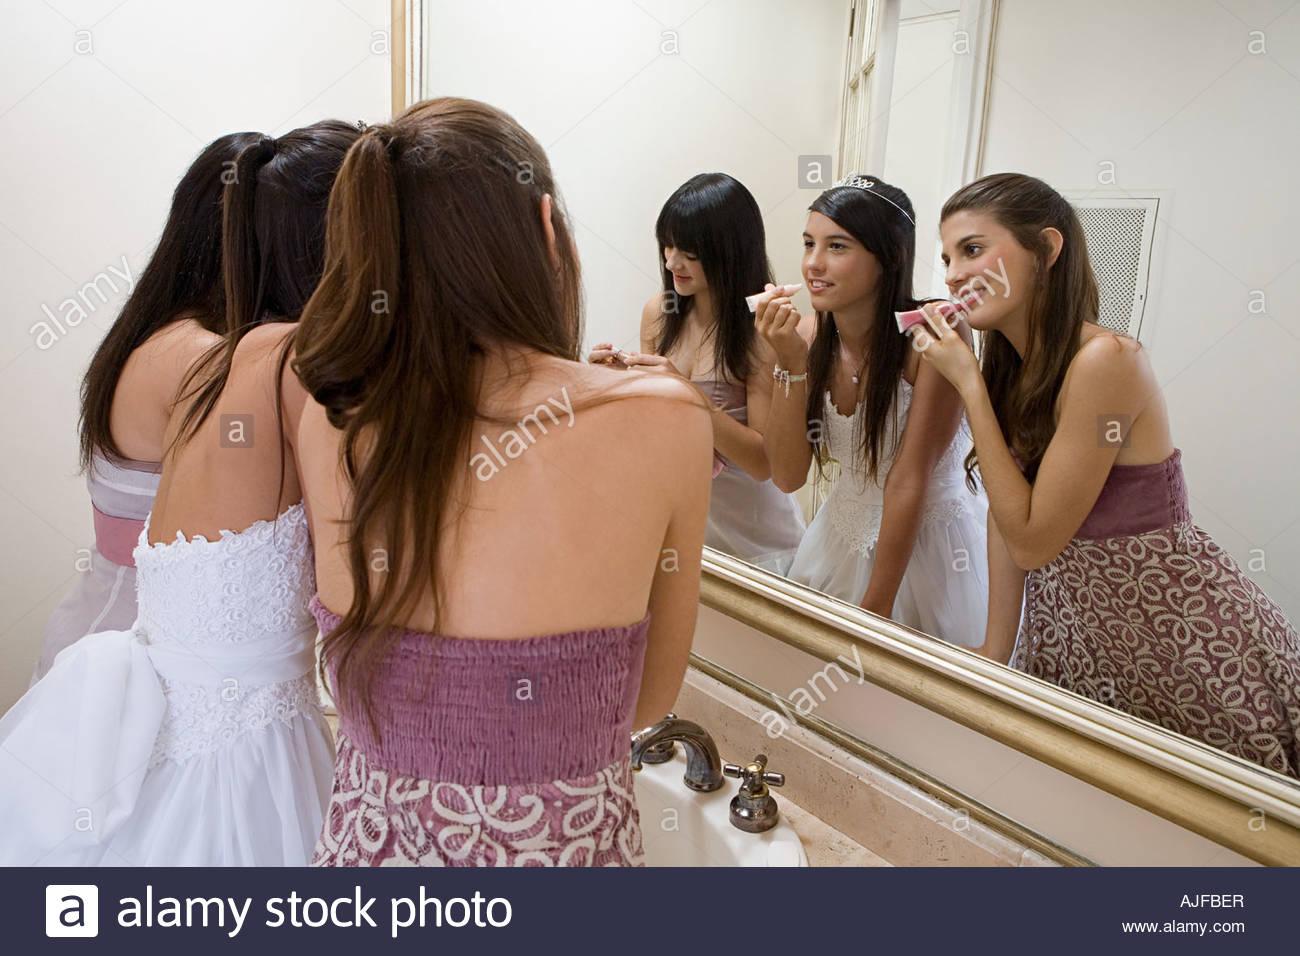 Getting Ready For A Wedding